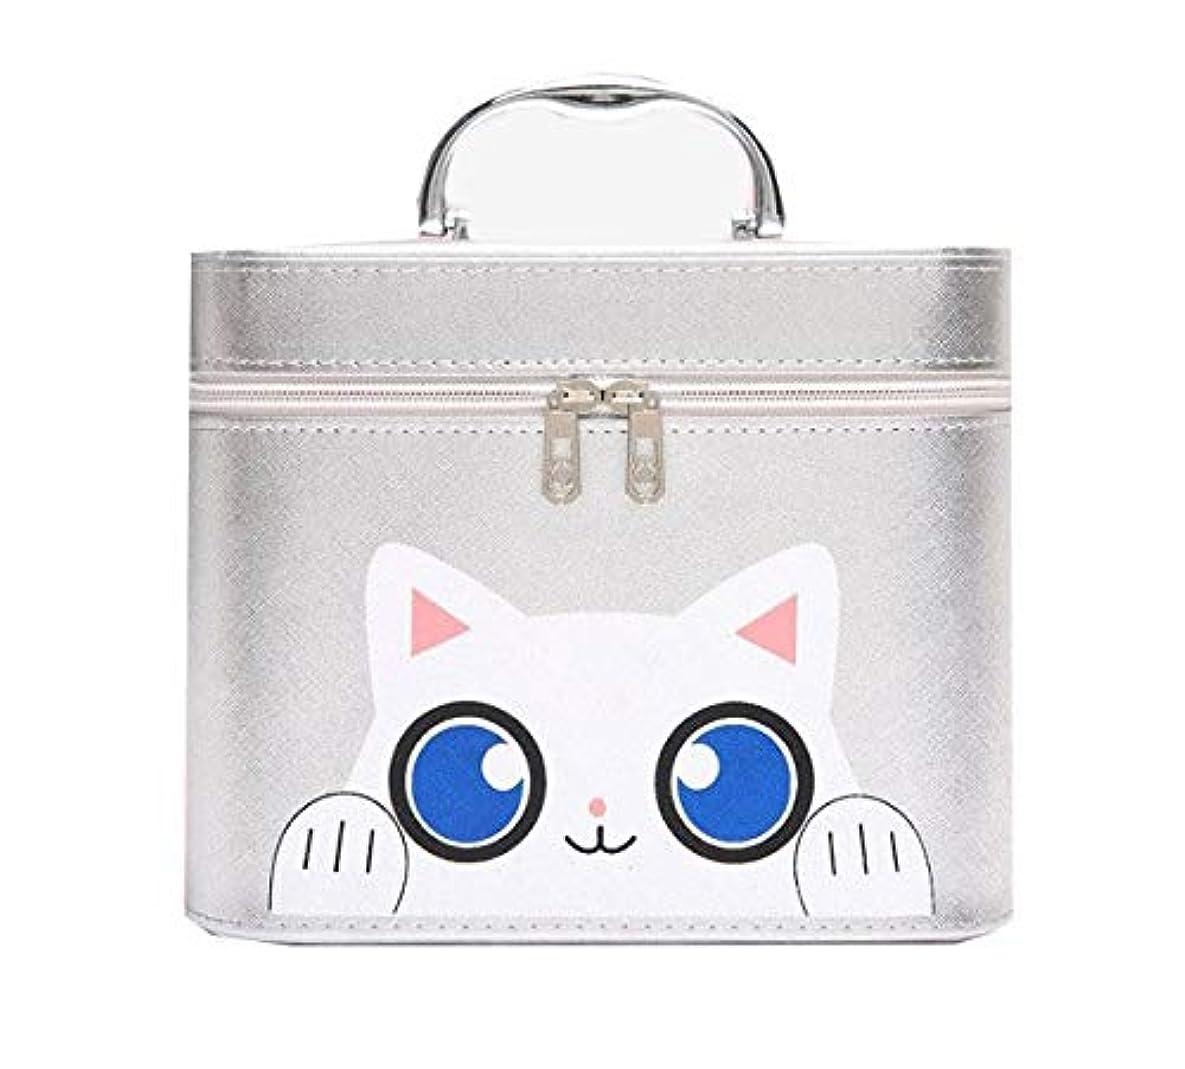 保険をかける精度無法者化粧箱、シルバー漫画猫化粧品ケース、ポータブル旅行化粧品ケース、美容ネイルジュエリー収納ボックス (Size : L)